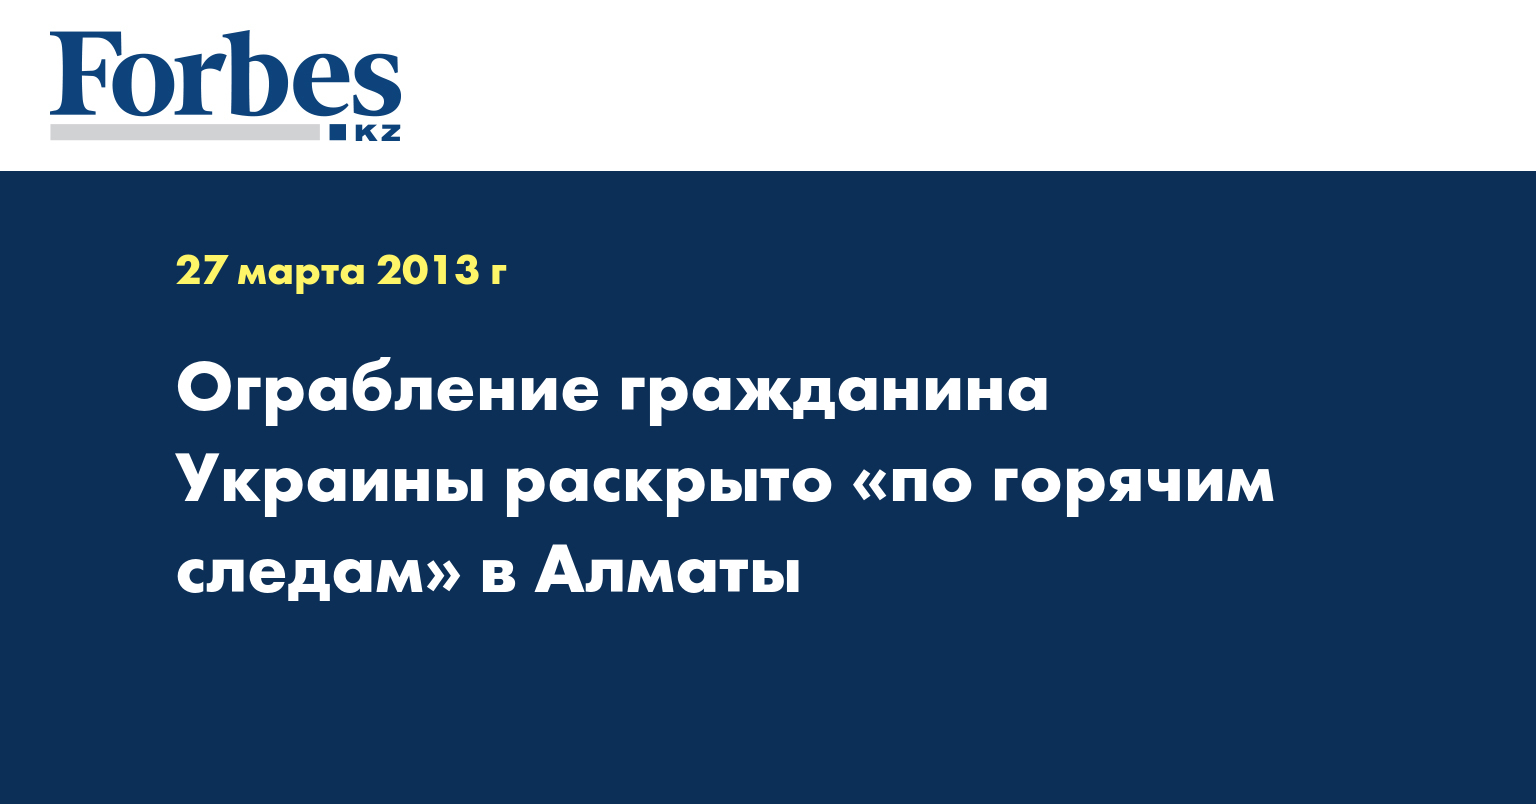 Ограбление гражданина Украины раскрыто «по горячим следам» в Алматы